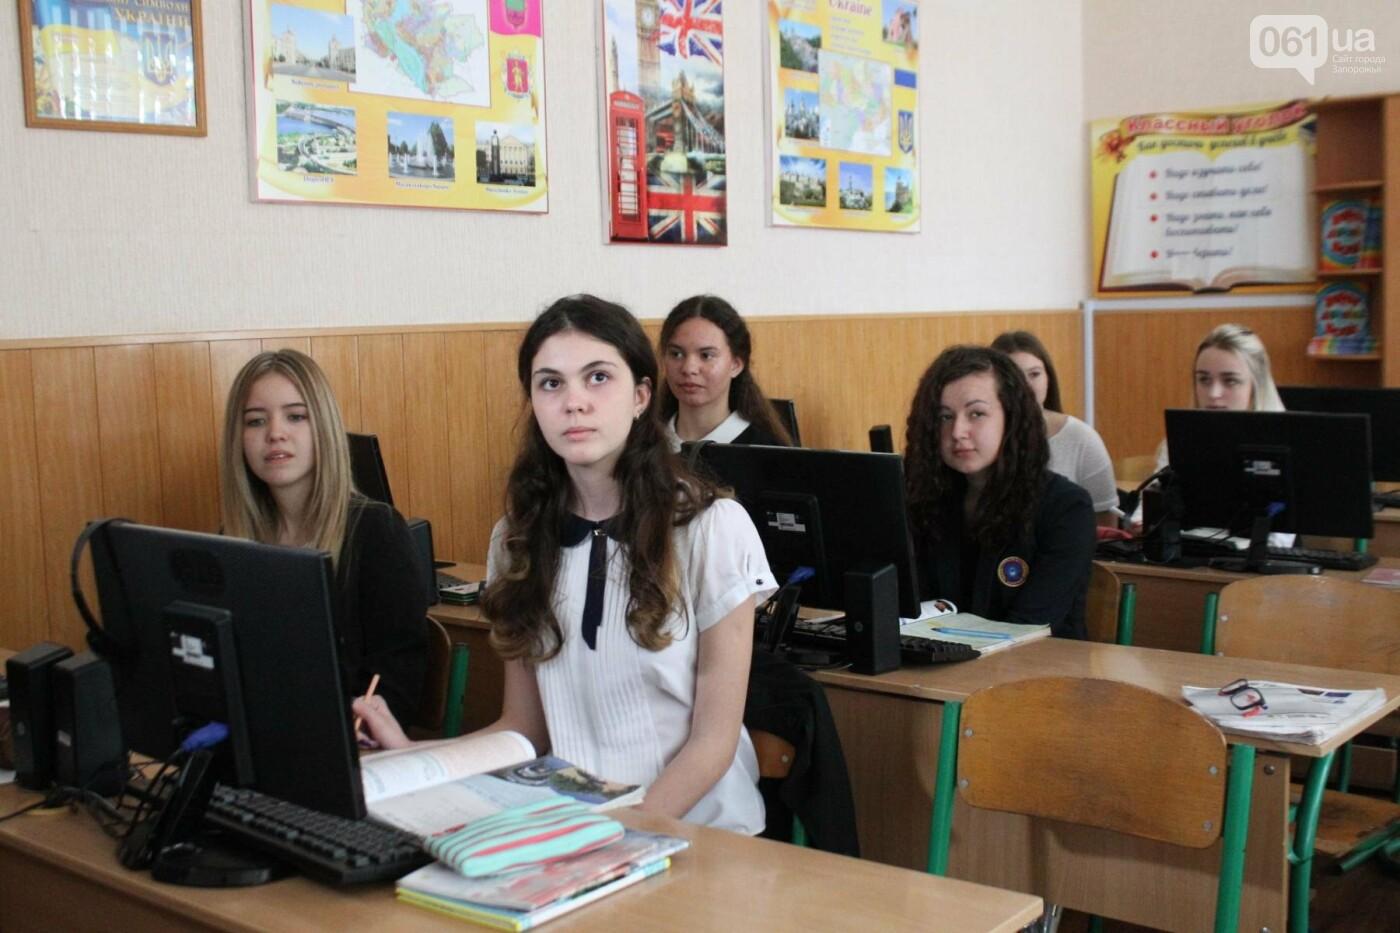 Одна из лучших школ Запорожья получила помощь от народного депутата Петра Сабашука: в гимназии №11 купили новую технику для нескольких каби..., фото-8